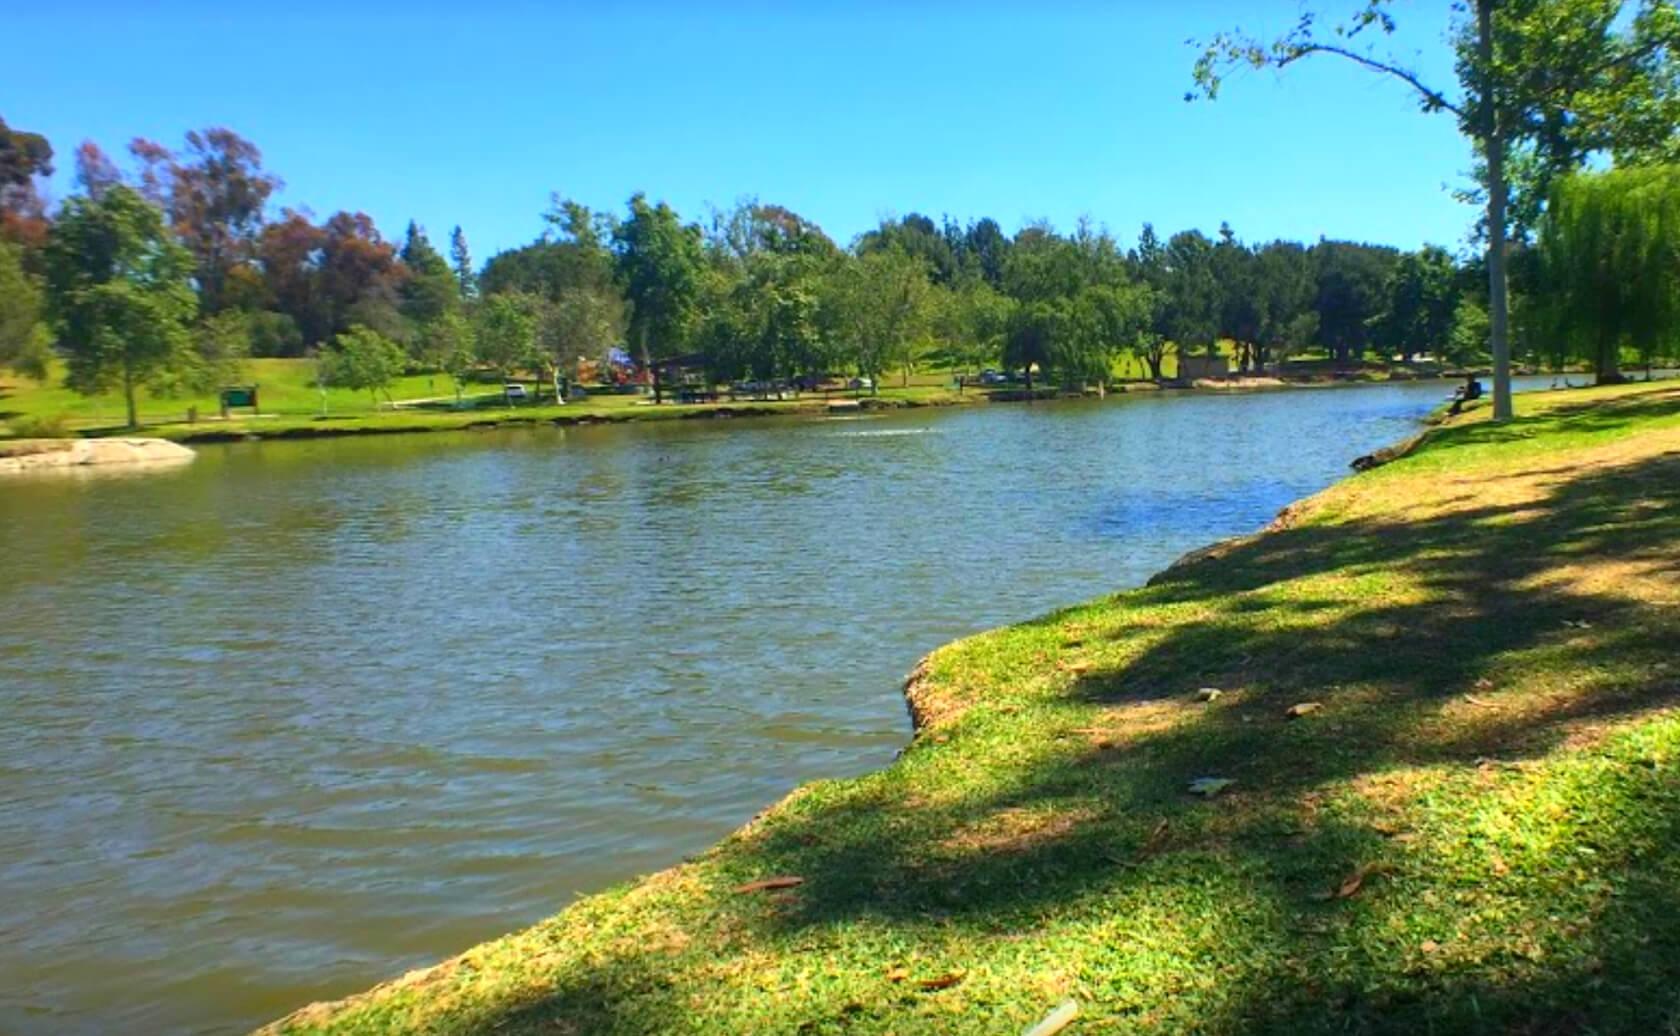 Craig-Regional-Park-Lake-Fishing-Guide-Report-Fullerton-CA-01